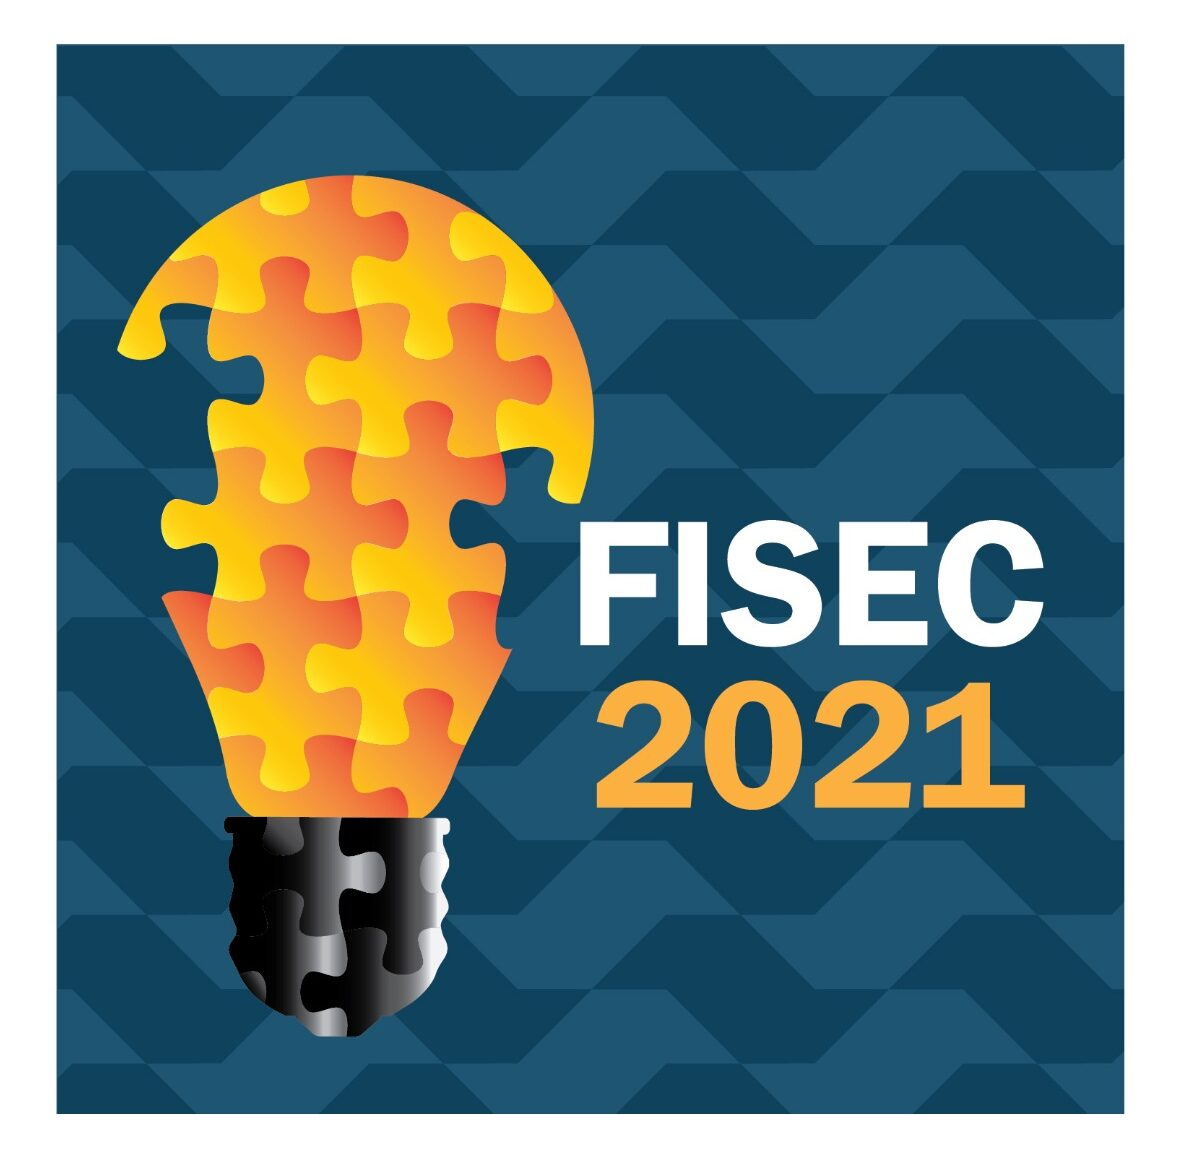 FISEC 2021